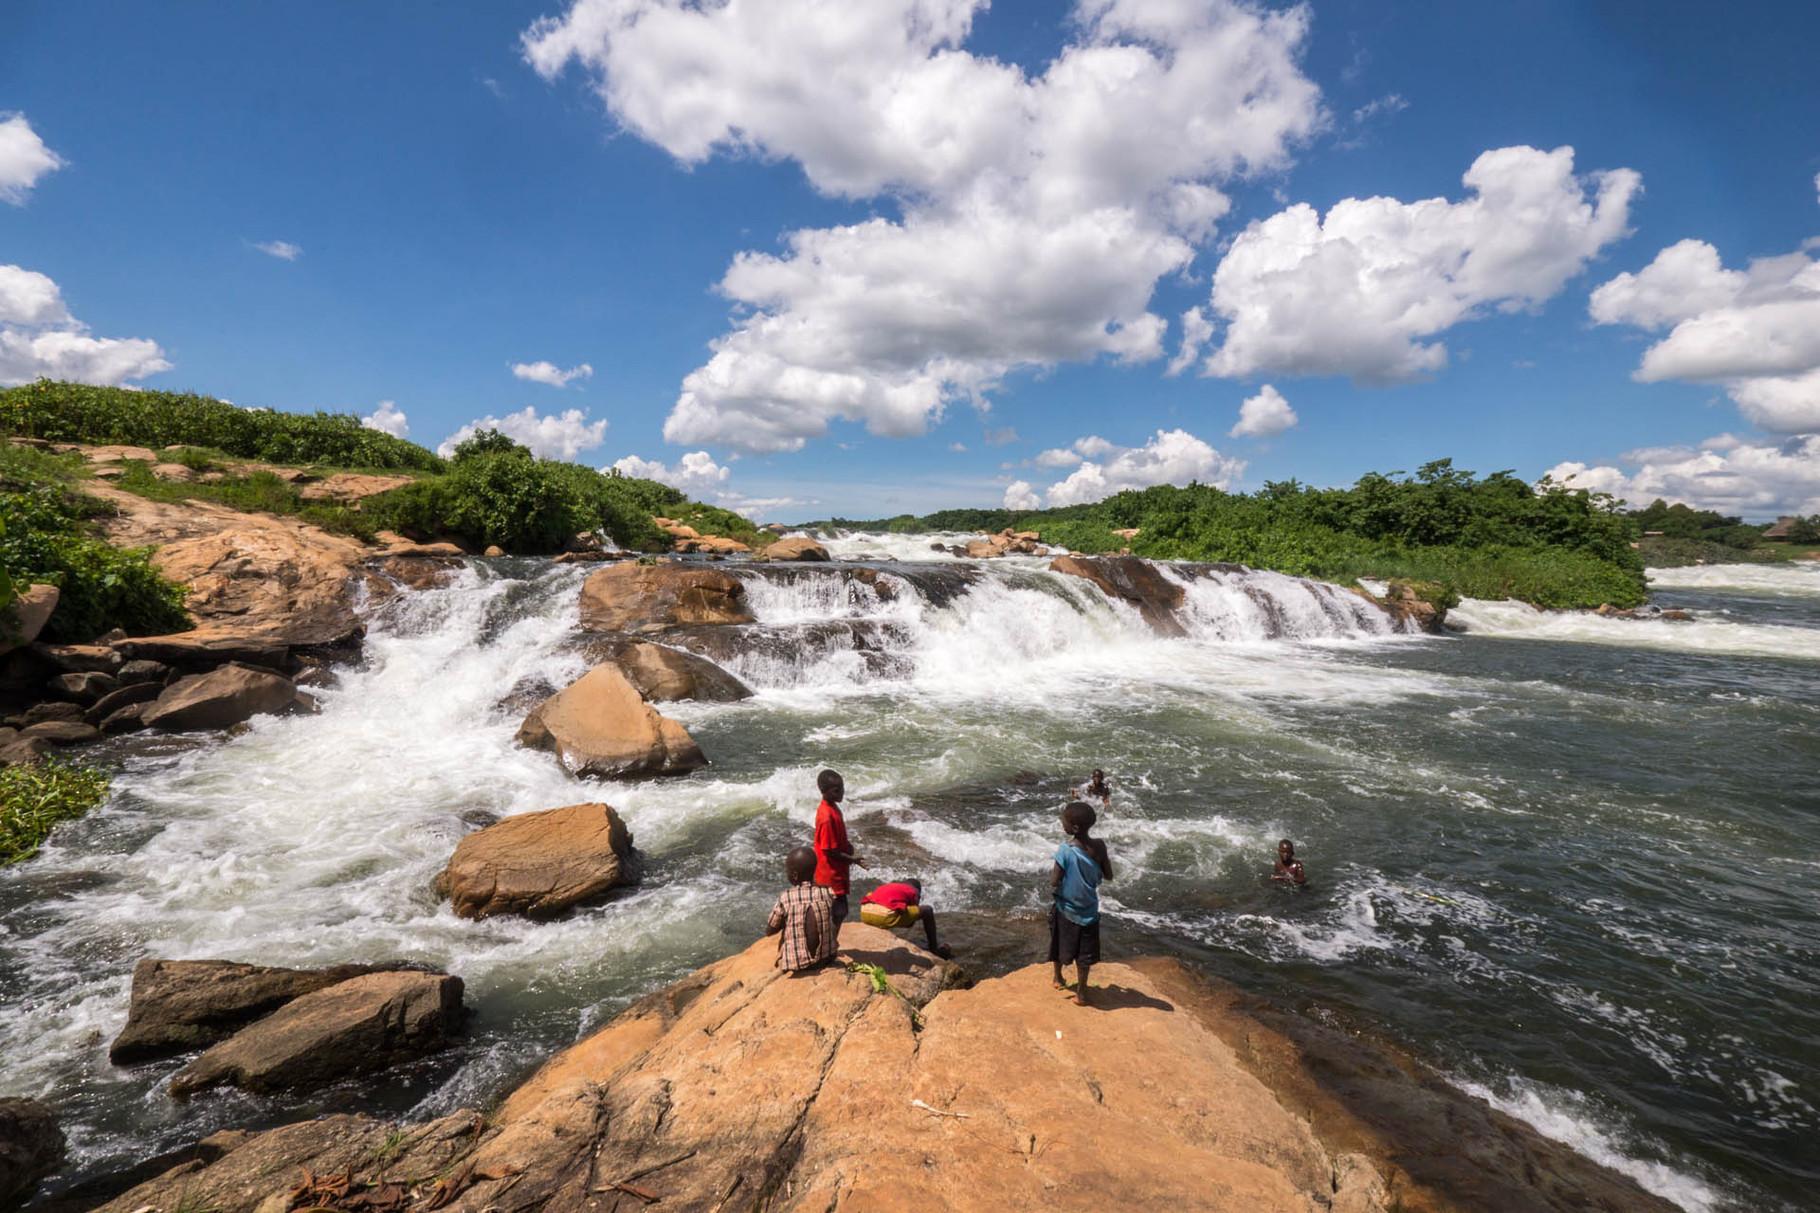 Nile river [Jinjia, Uganda, 2015]